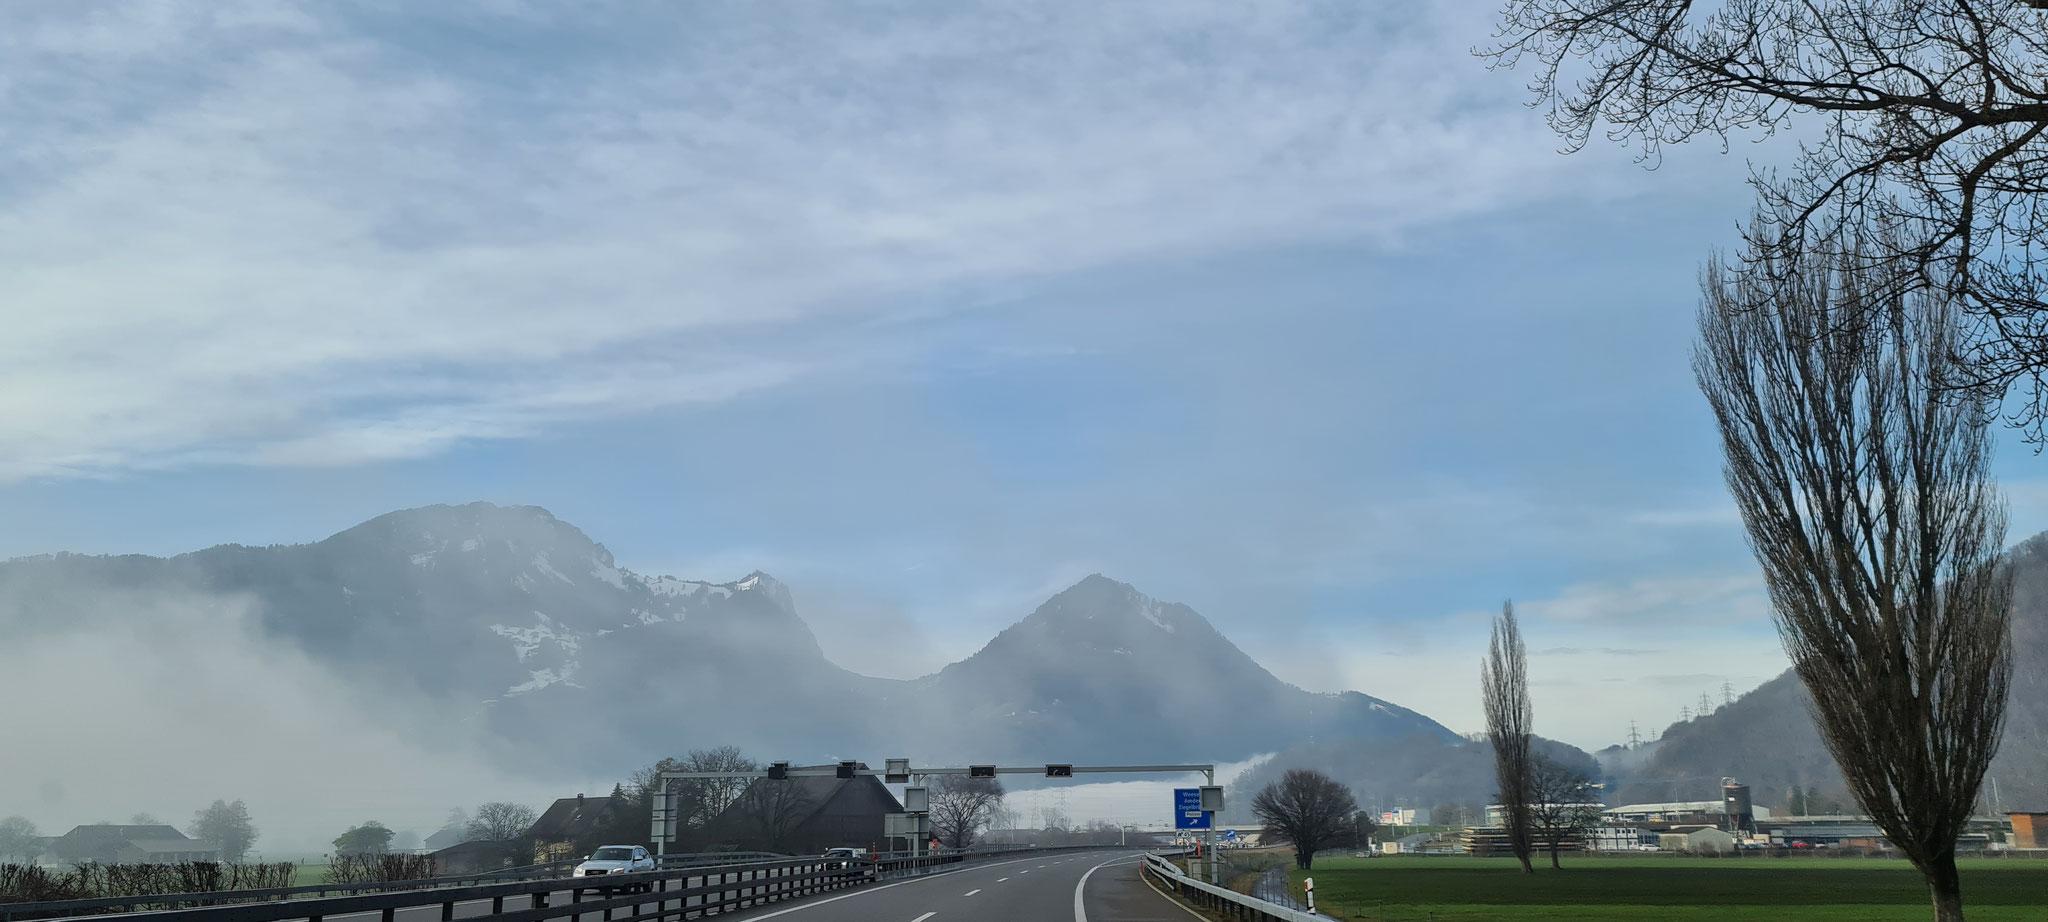 ...die ersten Nebelschwaden auf